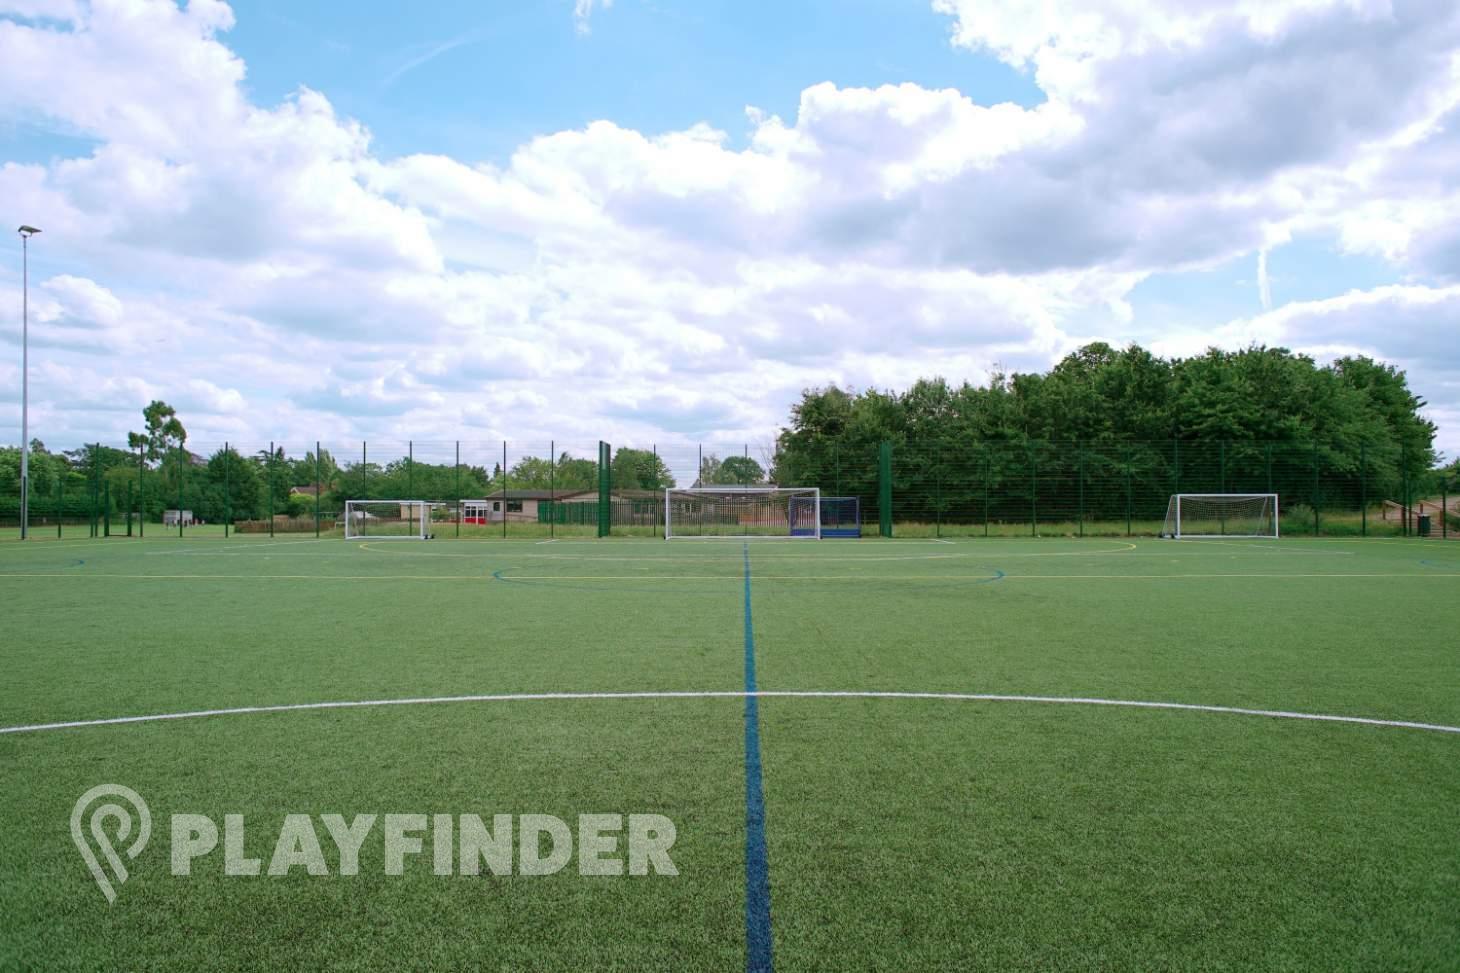 Furze Platt Leisure Centre 11 a side | 3G Astroturf football pitch